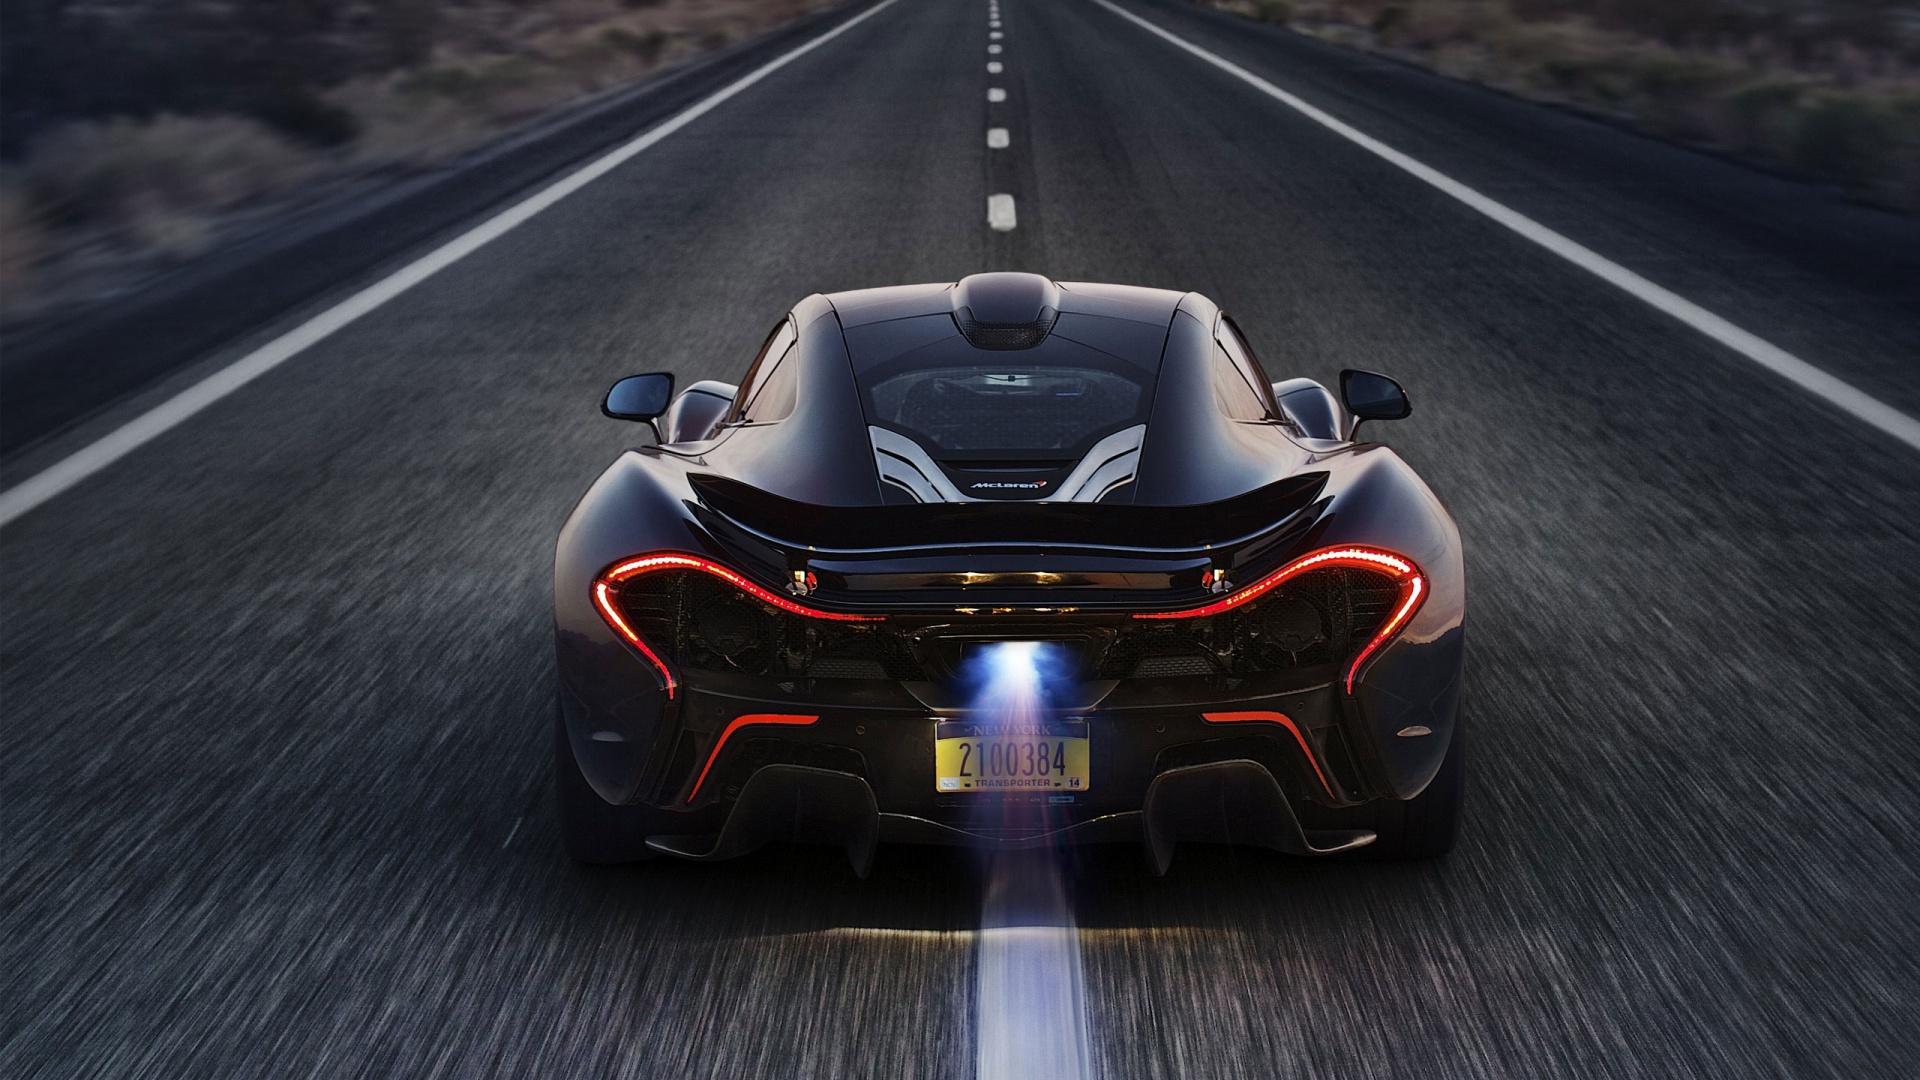 Darleen & Gregg: McLaren Infinity